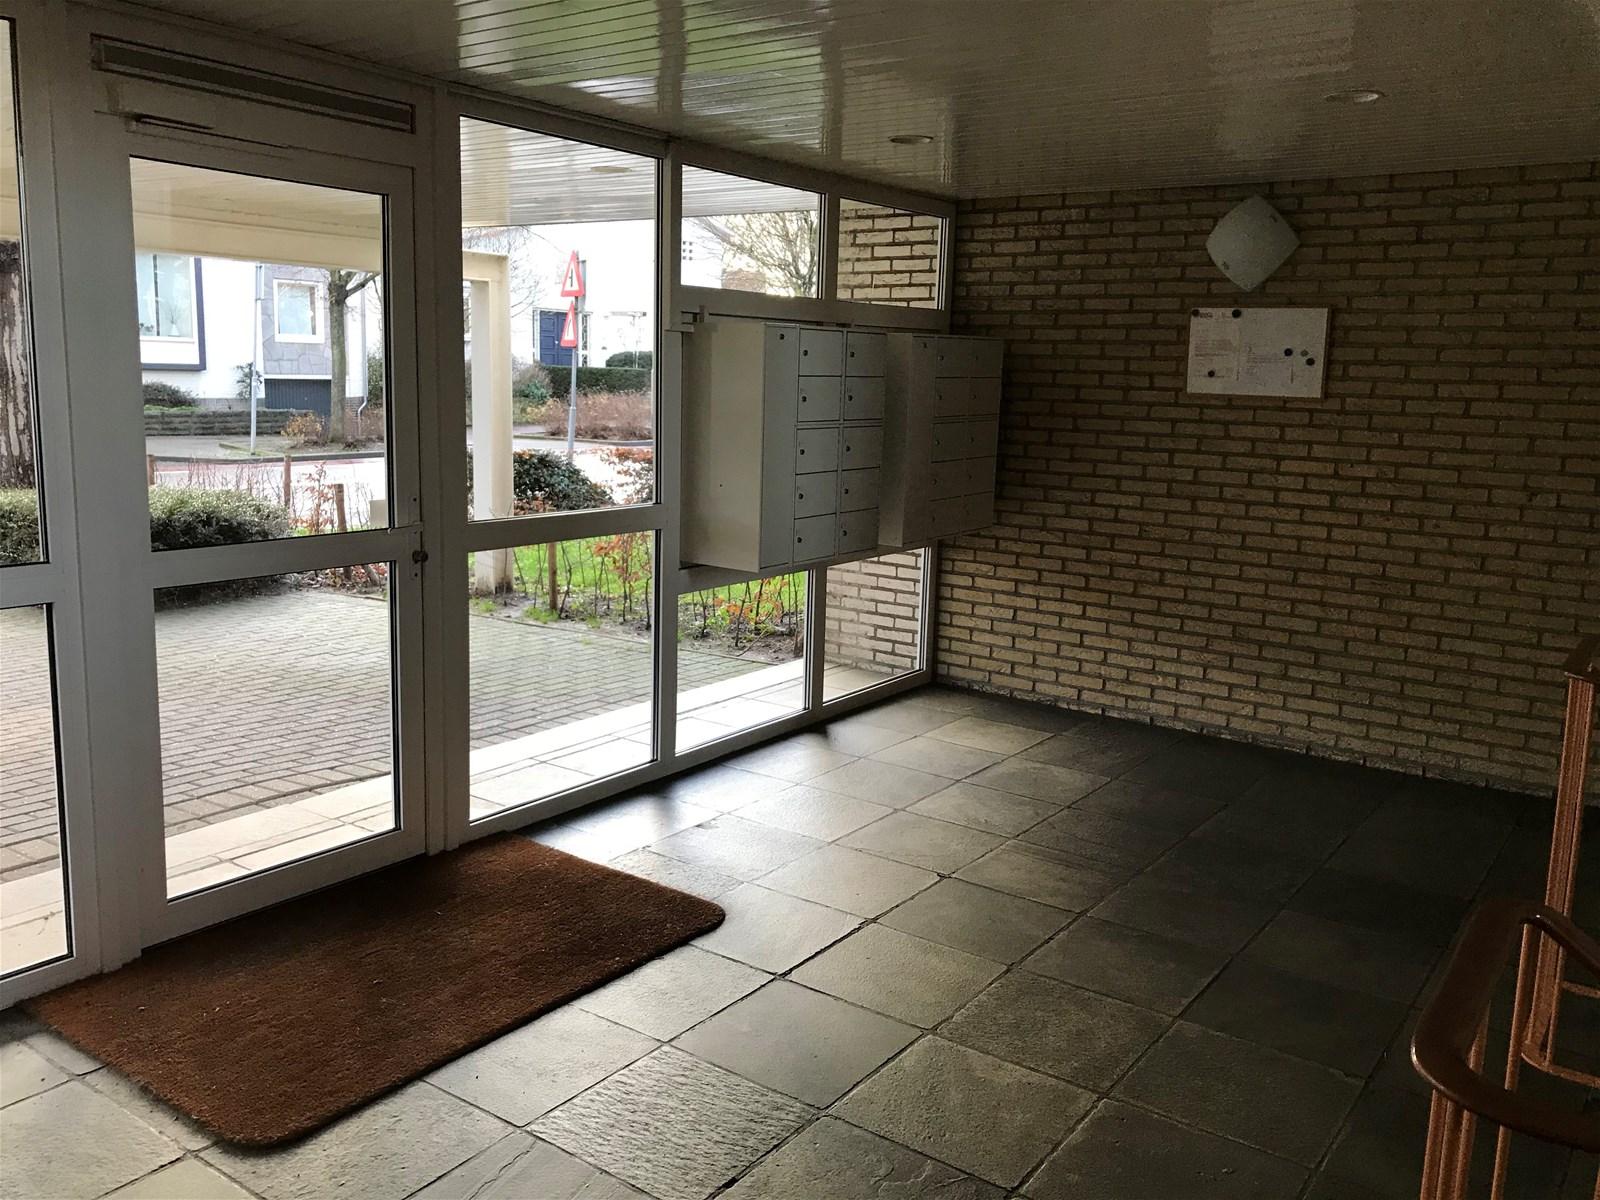 Walramstraat 39